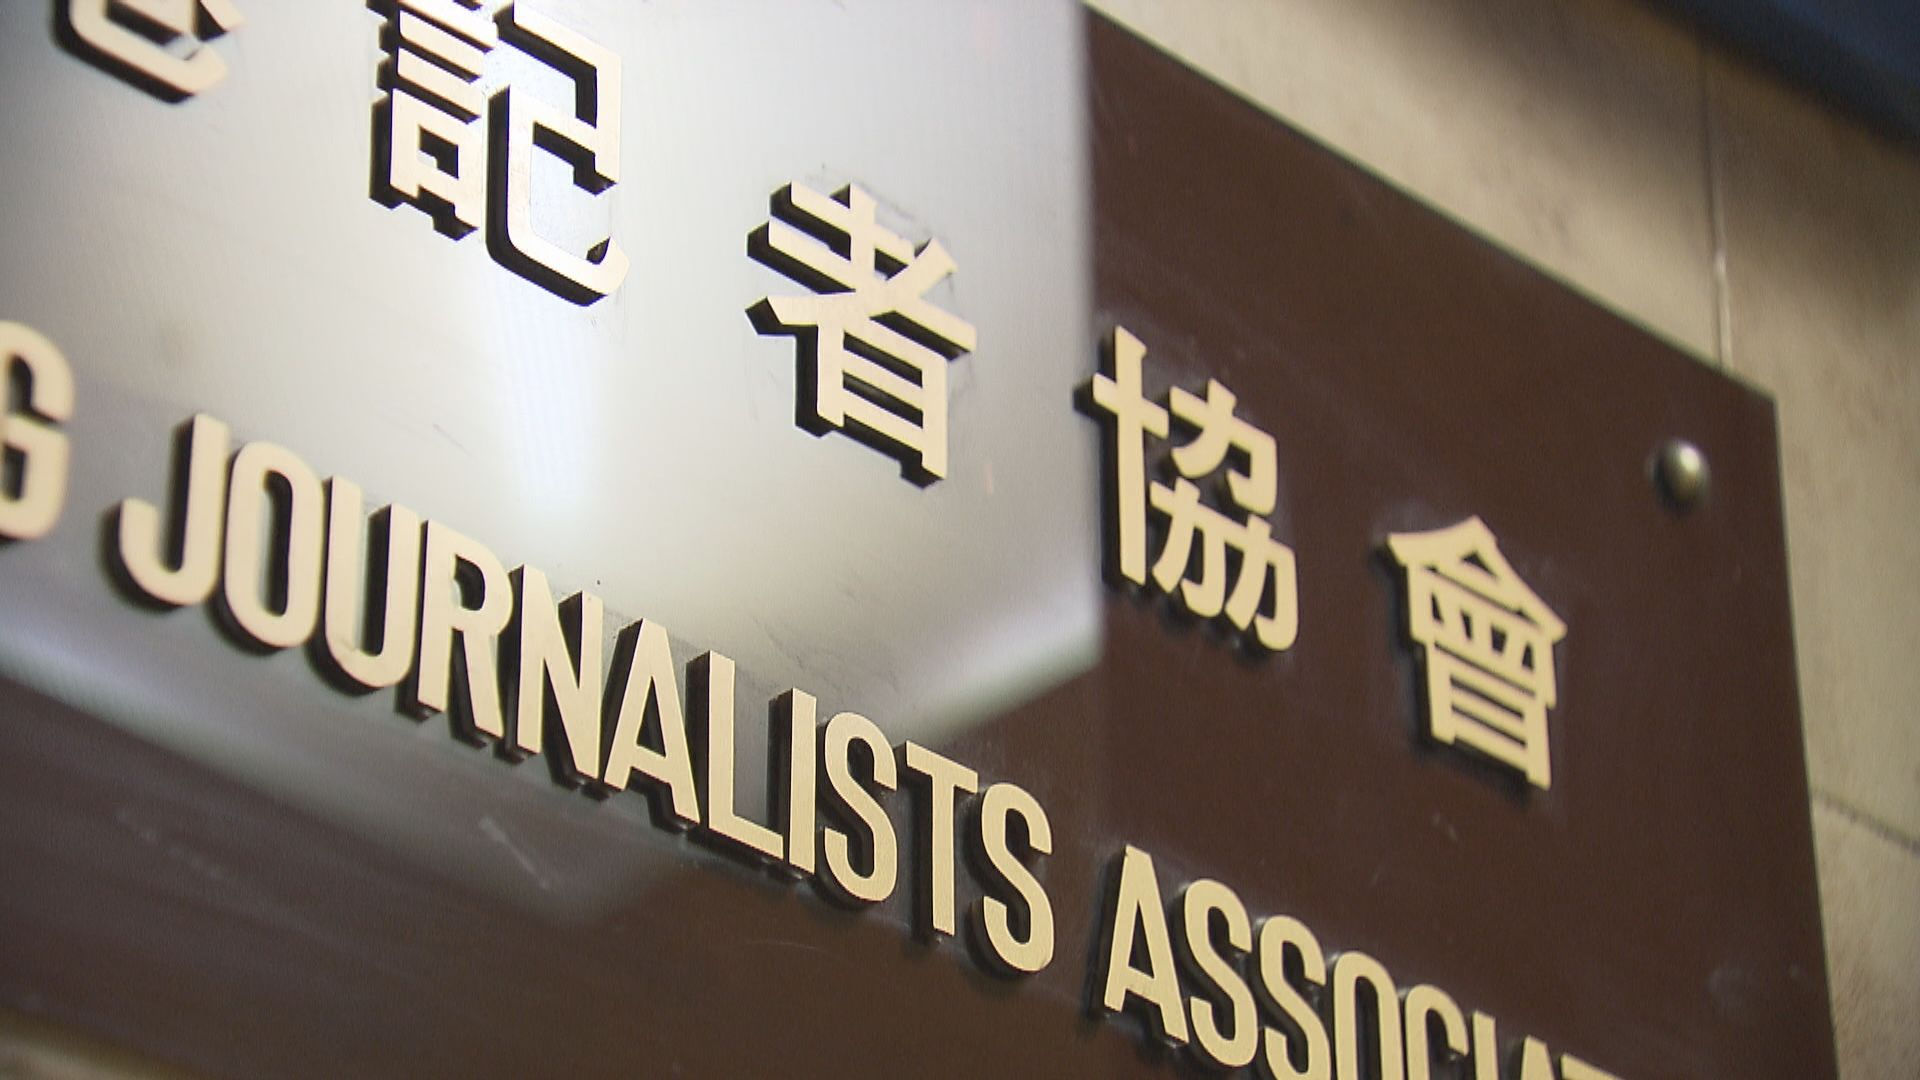 鄧炳強質疑記協中立性 記協強調捍衛新聞自由 協助所有行家